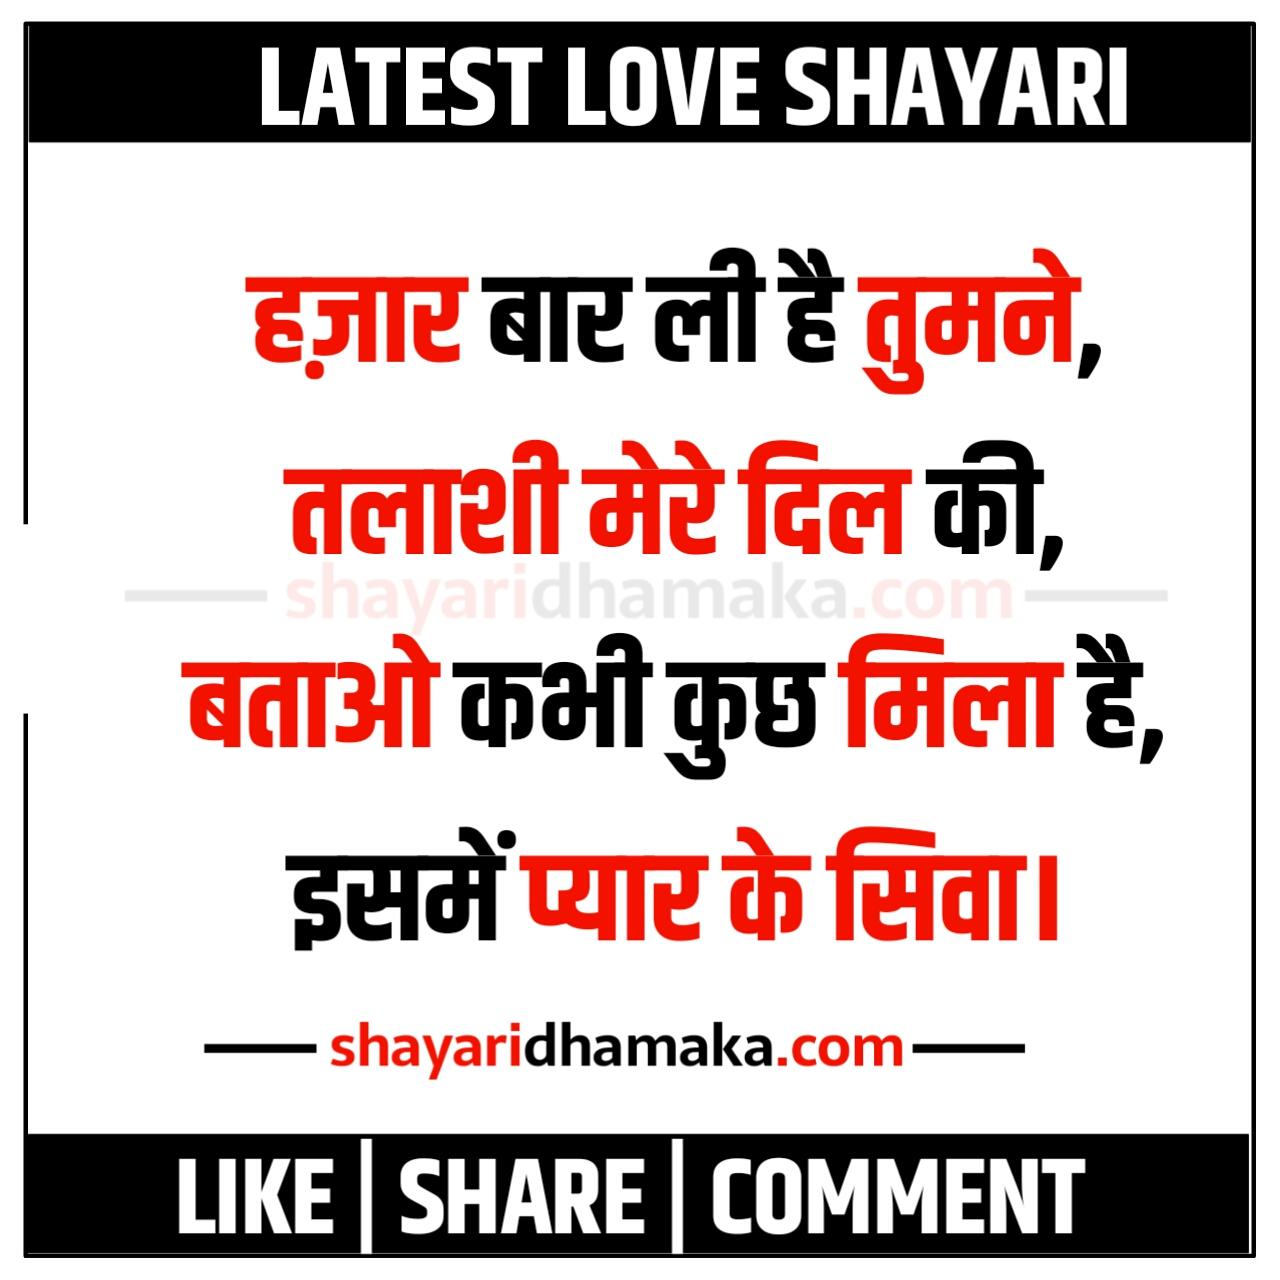 हज़ार बार ली है तुमने - Latest Love Shayari